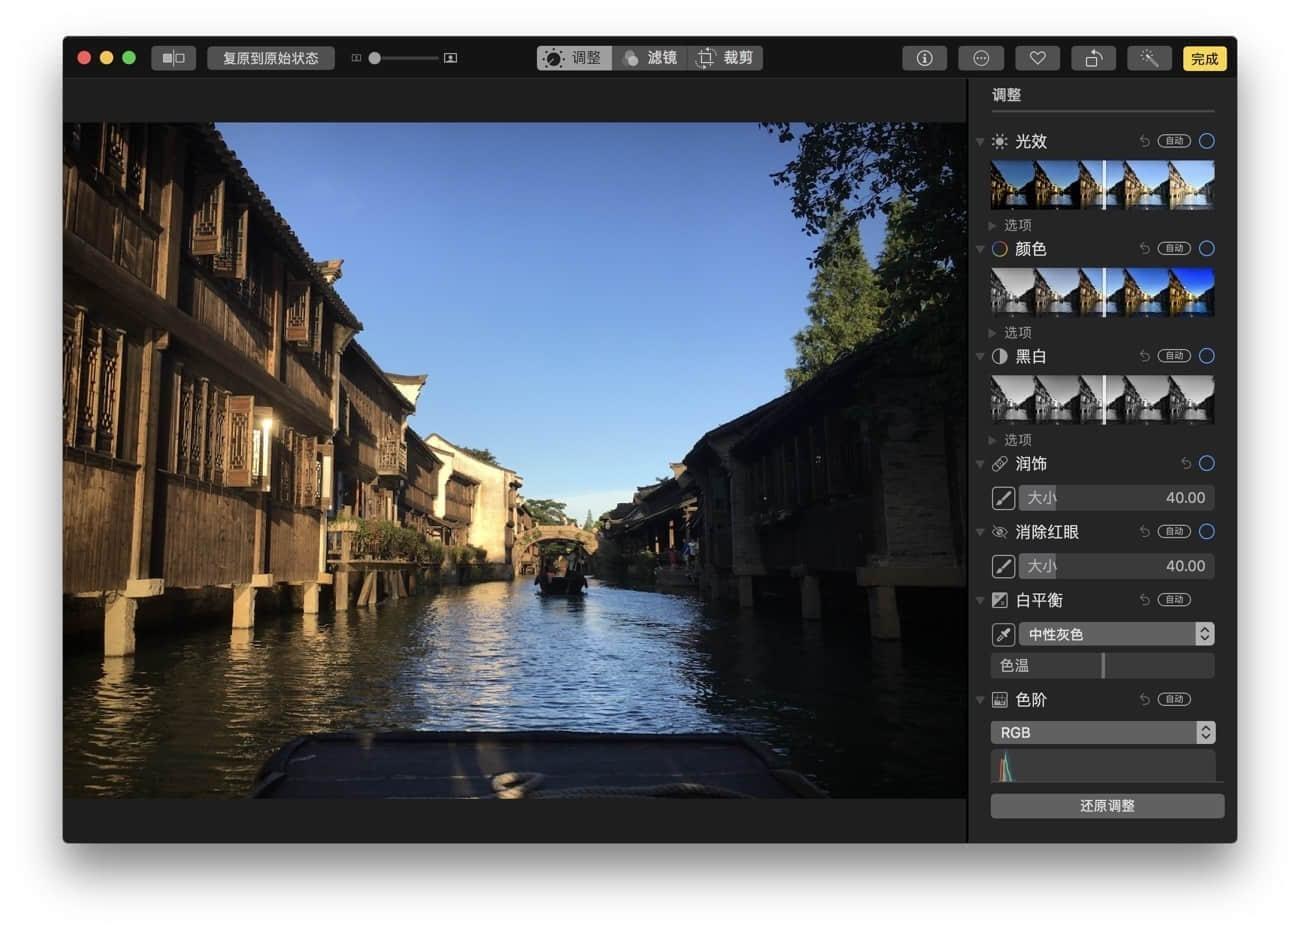 macOS High Sierra 使用初体验插图(4)